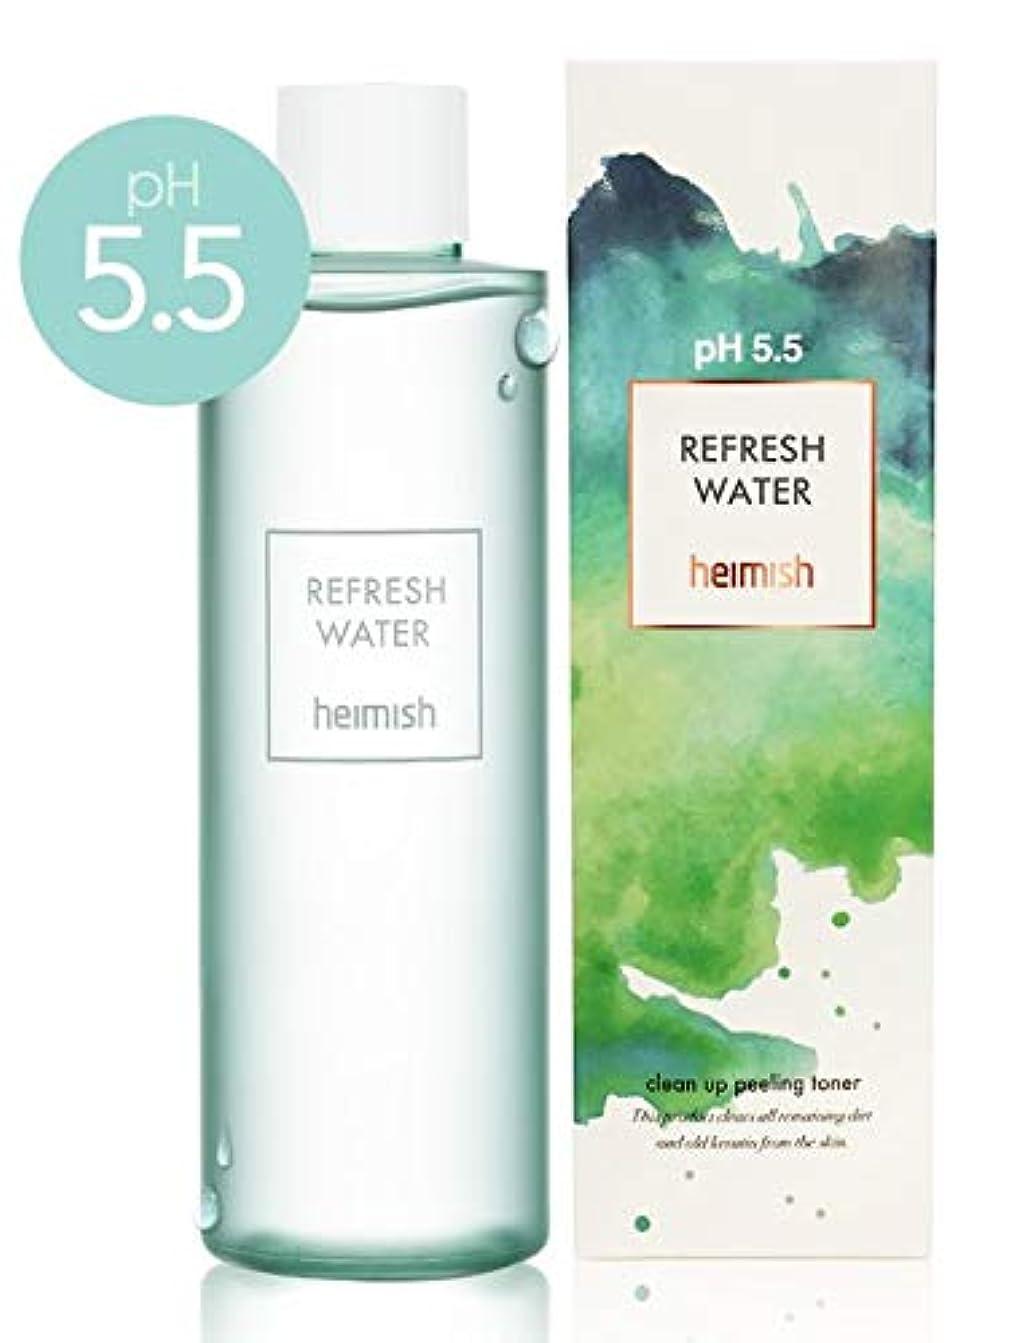 ピカソ式一時的Heimish pH5.5 Refresh Water/ヘイミッシュリフレッシュ ウォーター 250ml [並行輸入品]